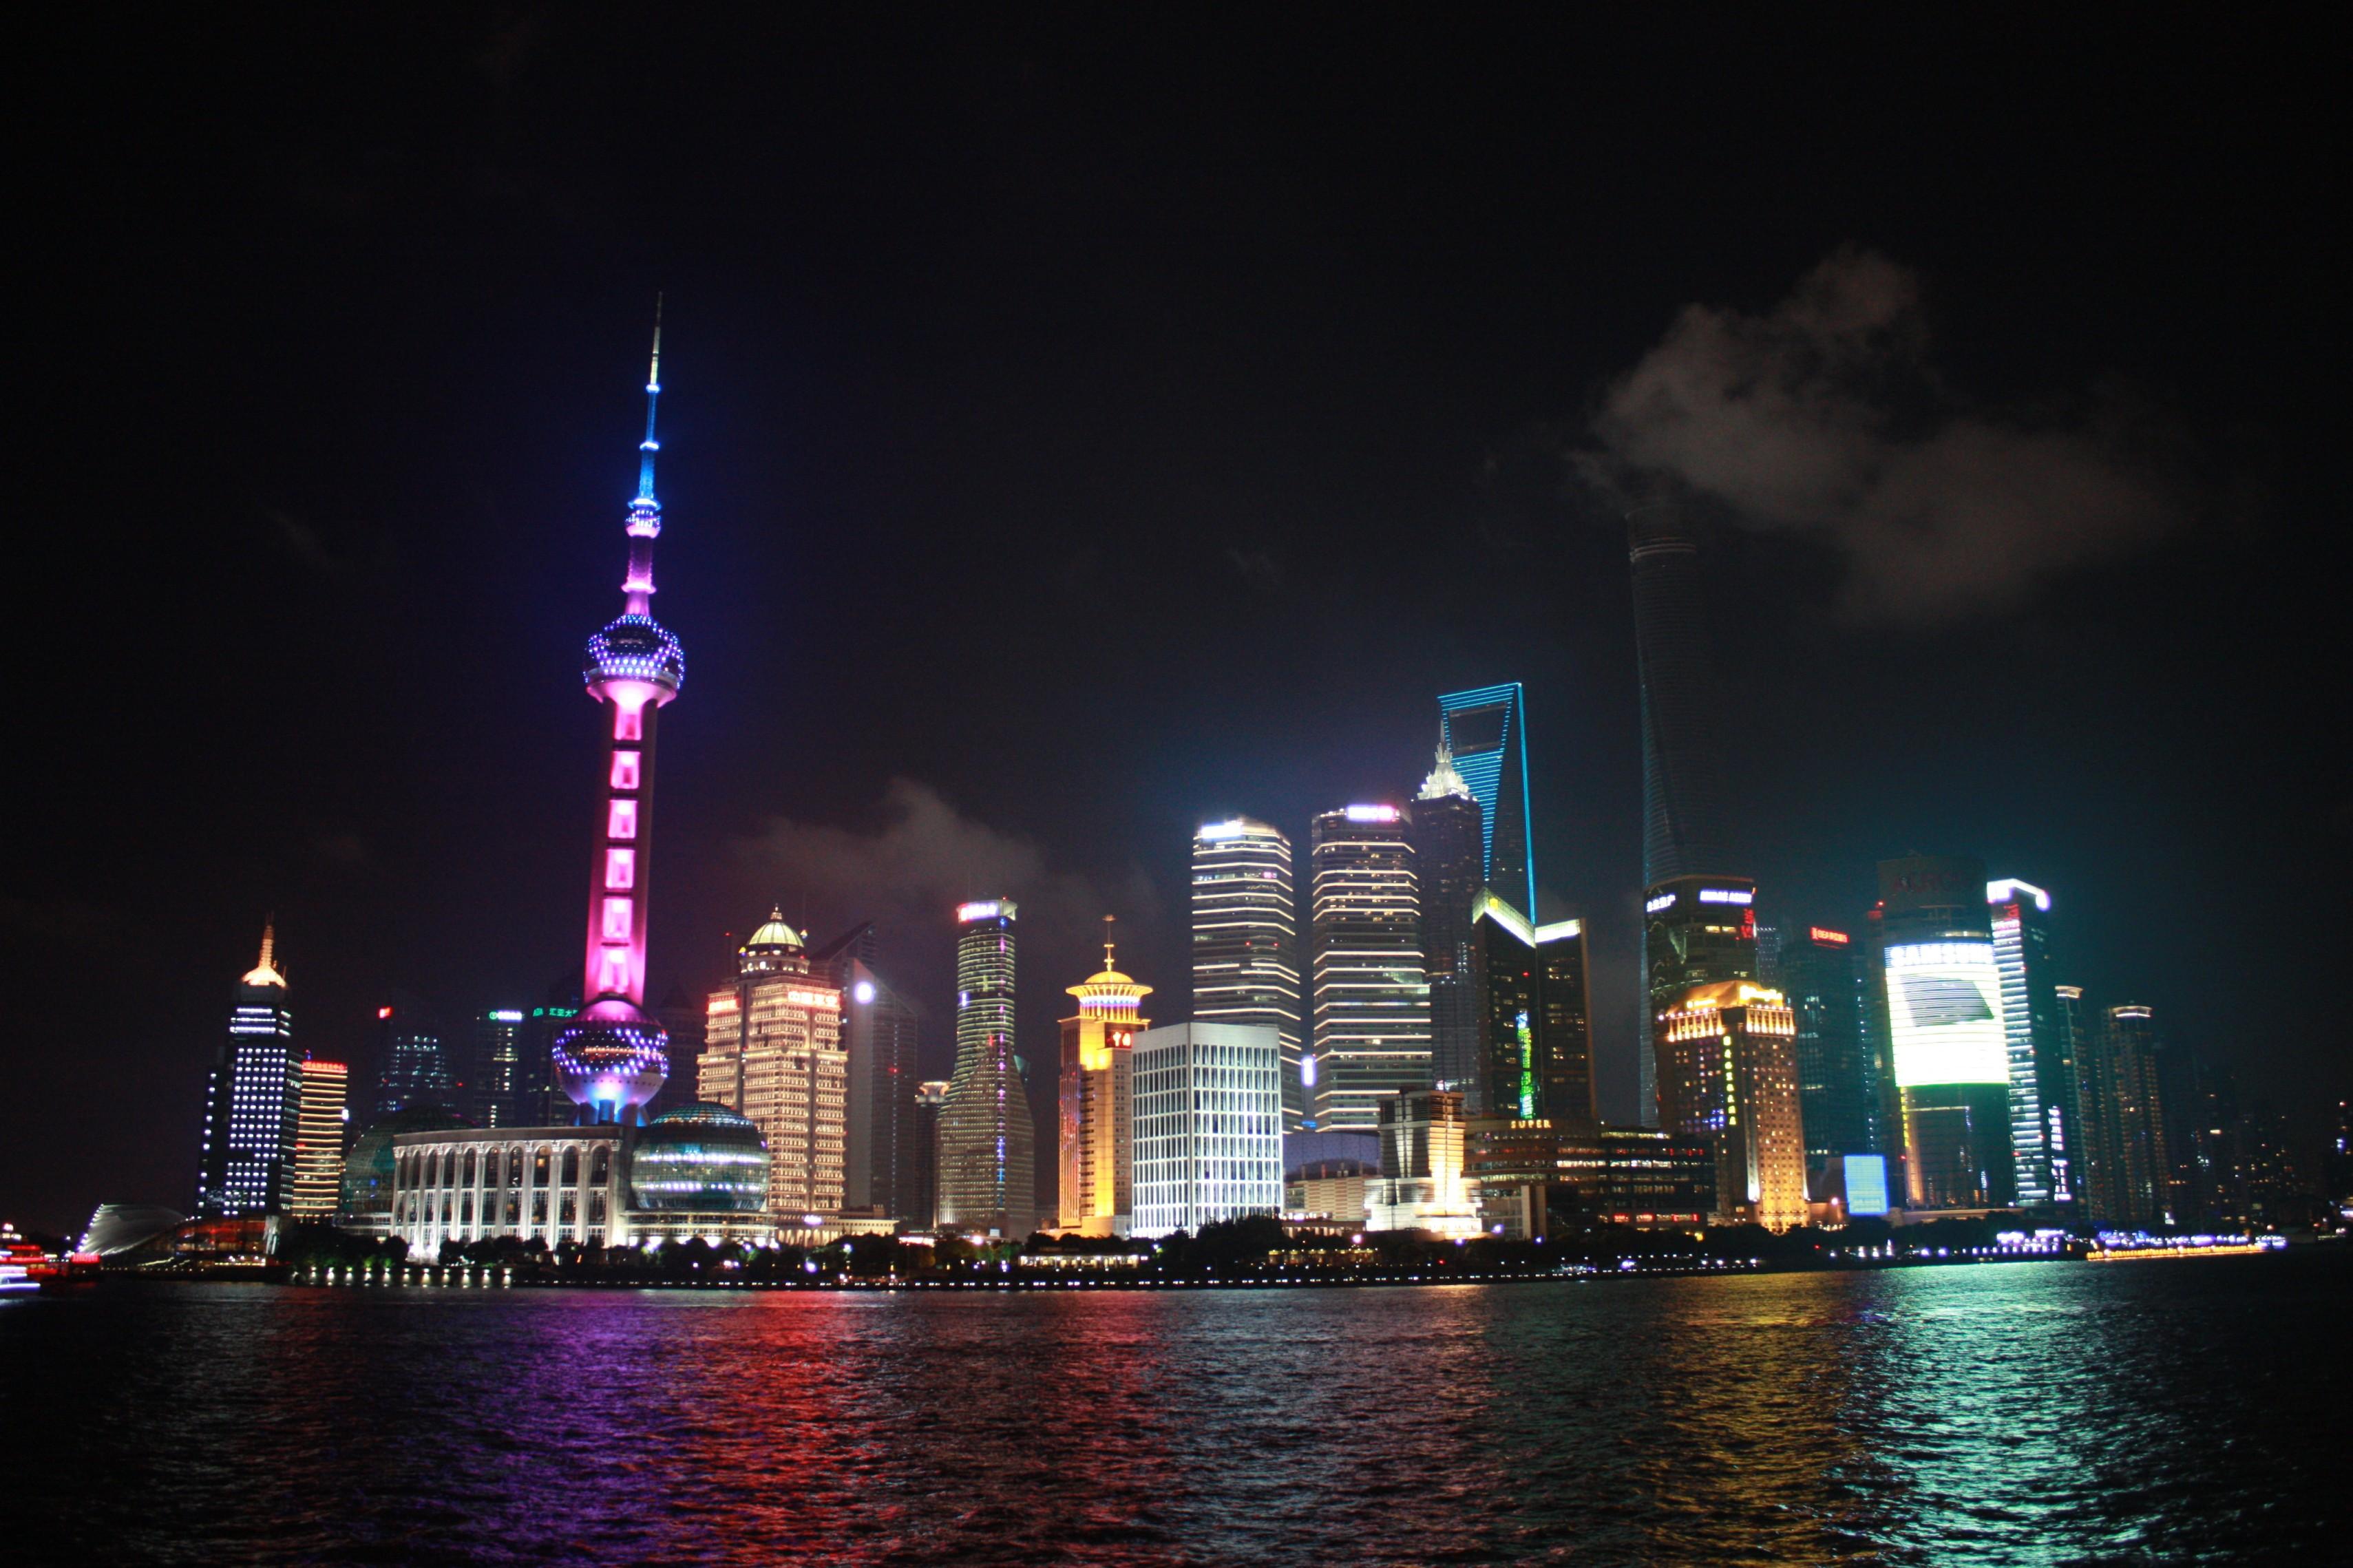 上海観光のおすすめスポット10選!現地を知り尽くしたプロが薦める人気の名所